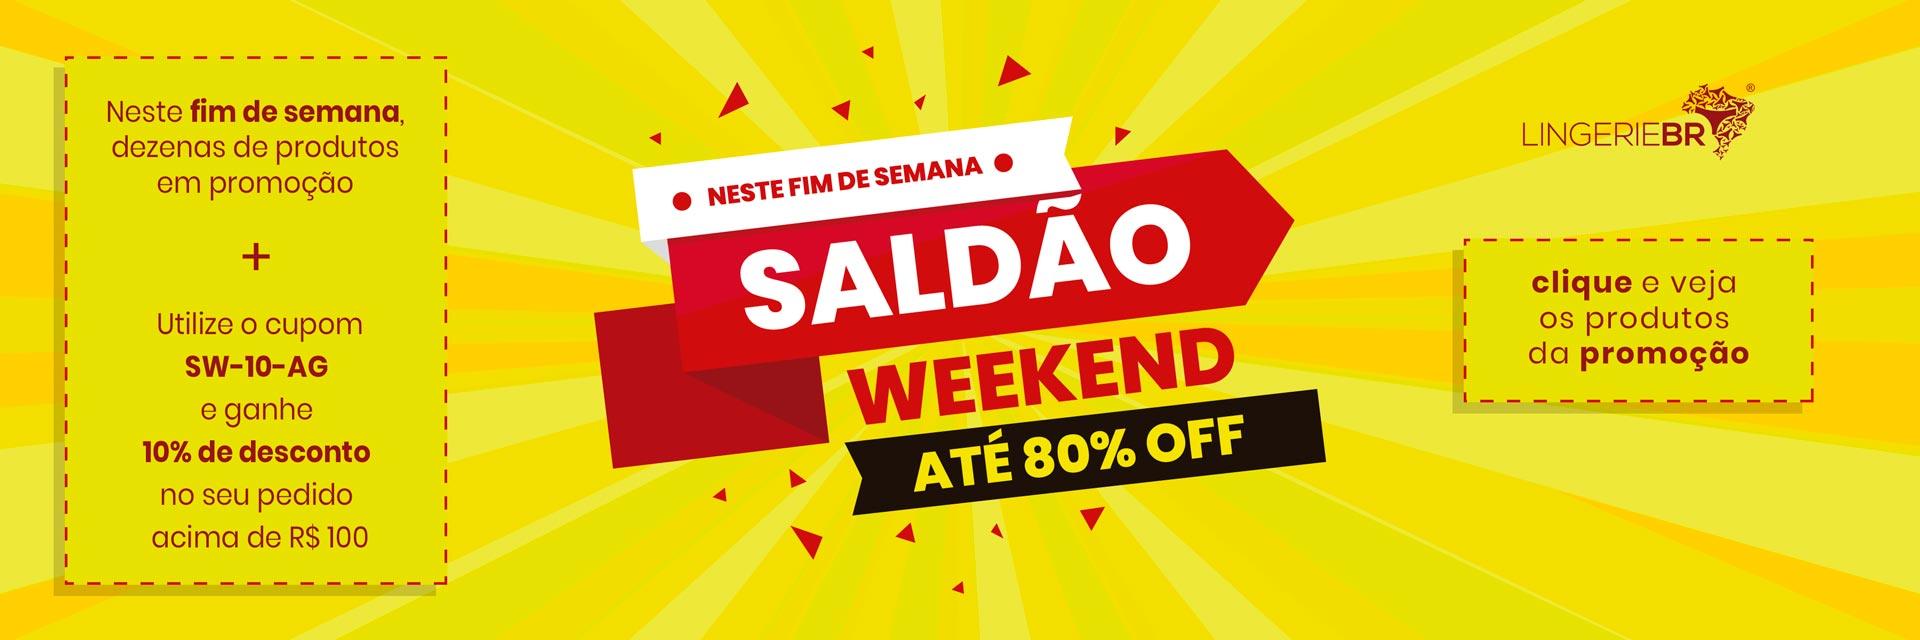 Saldão Weekend Julho 2019